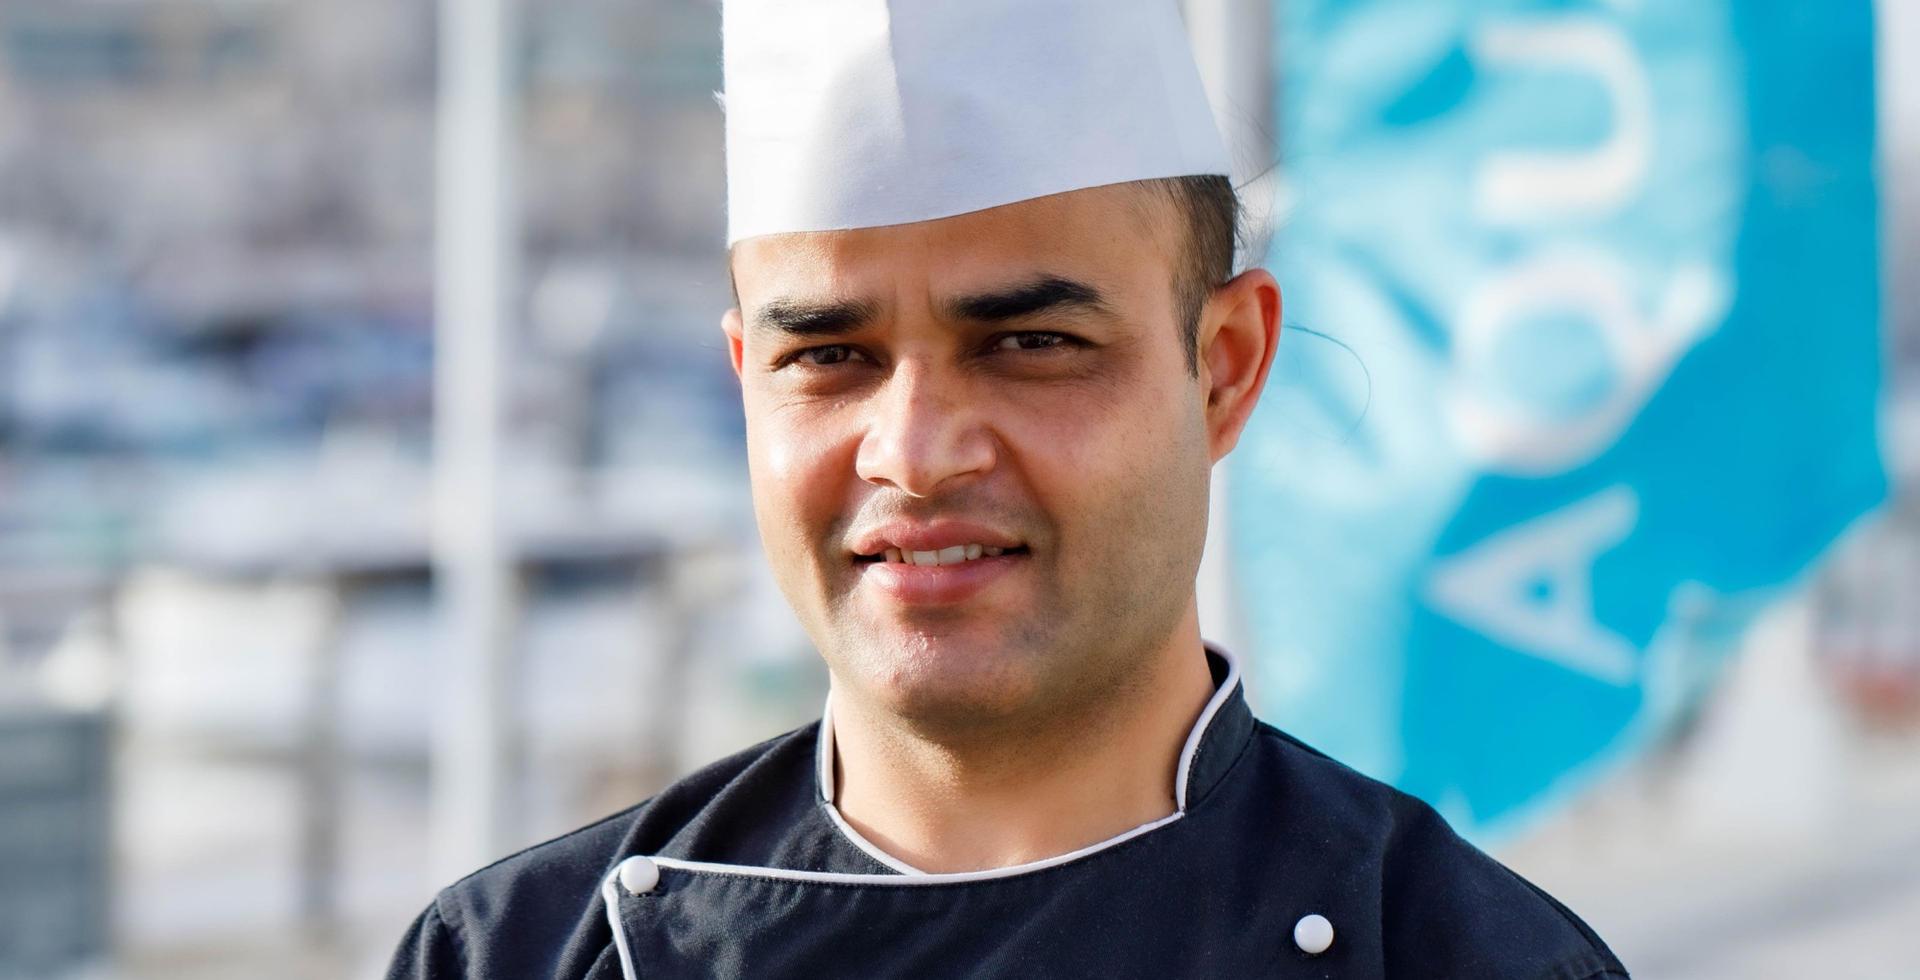 Mani Raj Parjuli